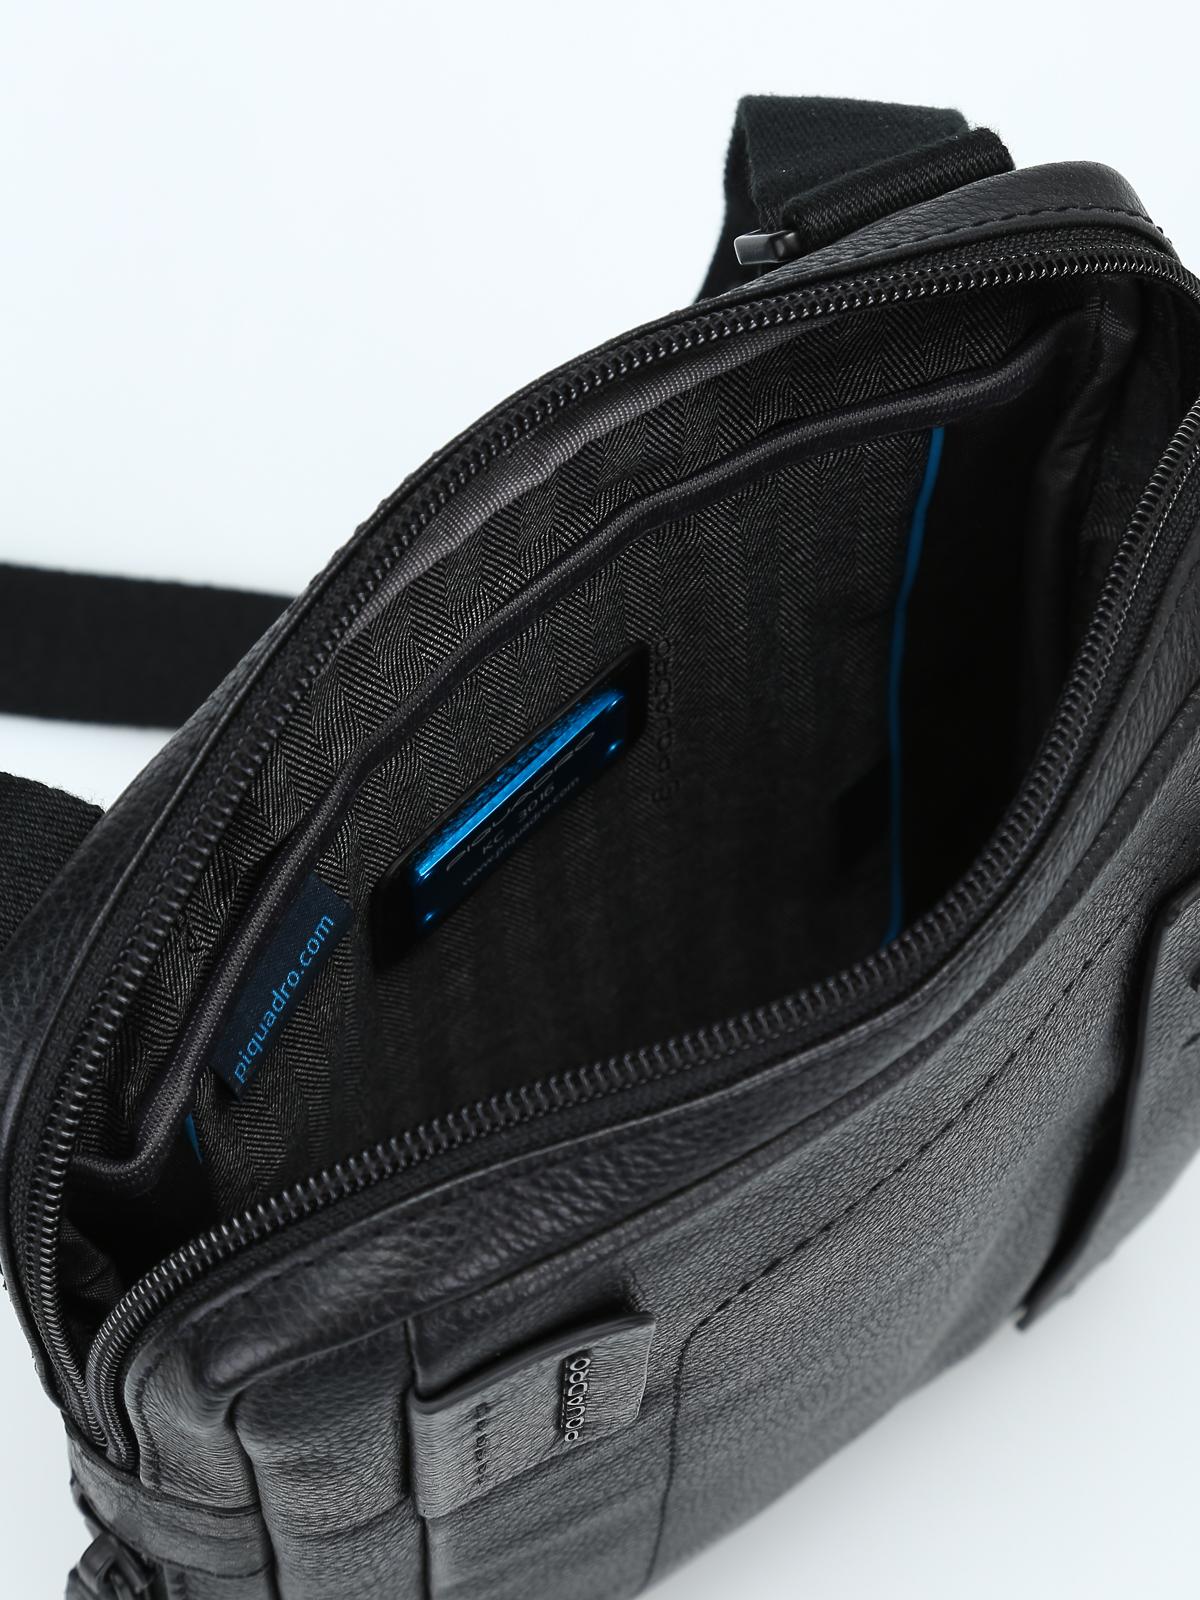 Piquadro - Borsa a tracolla porta iPad nera - borse a tracolla ... 0dd25e80178